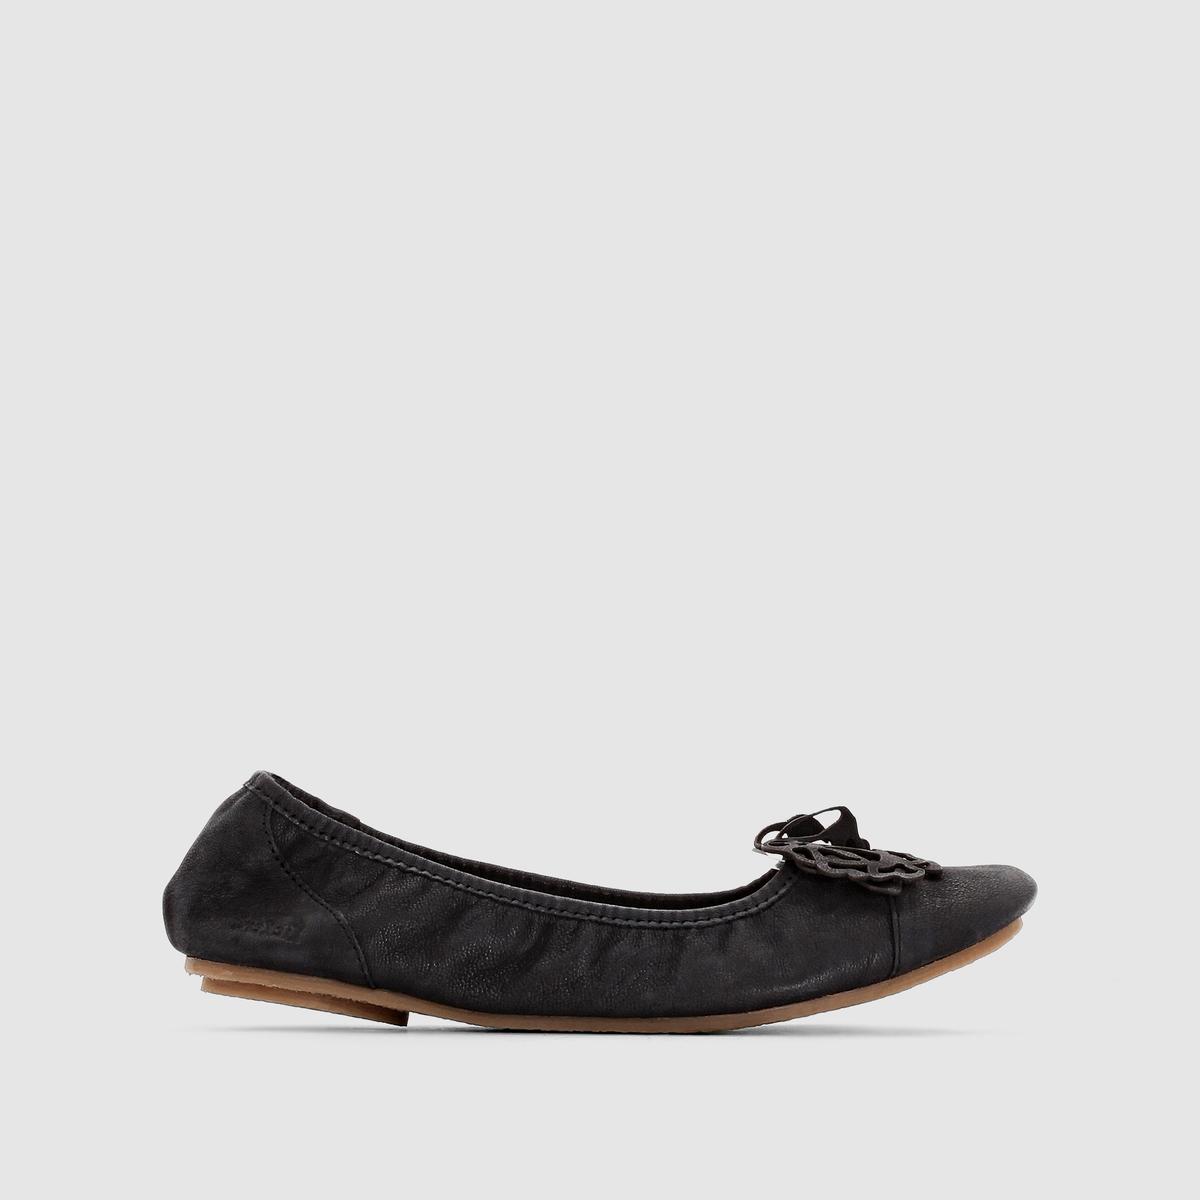 Балетки Liber, кожаКожаные и очень мягкие, совсем простые, украшены цветком... В этих очаровательных балетках вы будете чувствовать себя легко, а ваши ножки выглядеть женственно в течение всего лета!<br><br>Цвет: черный